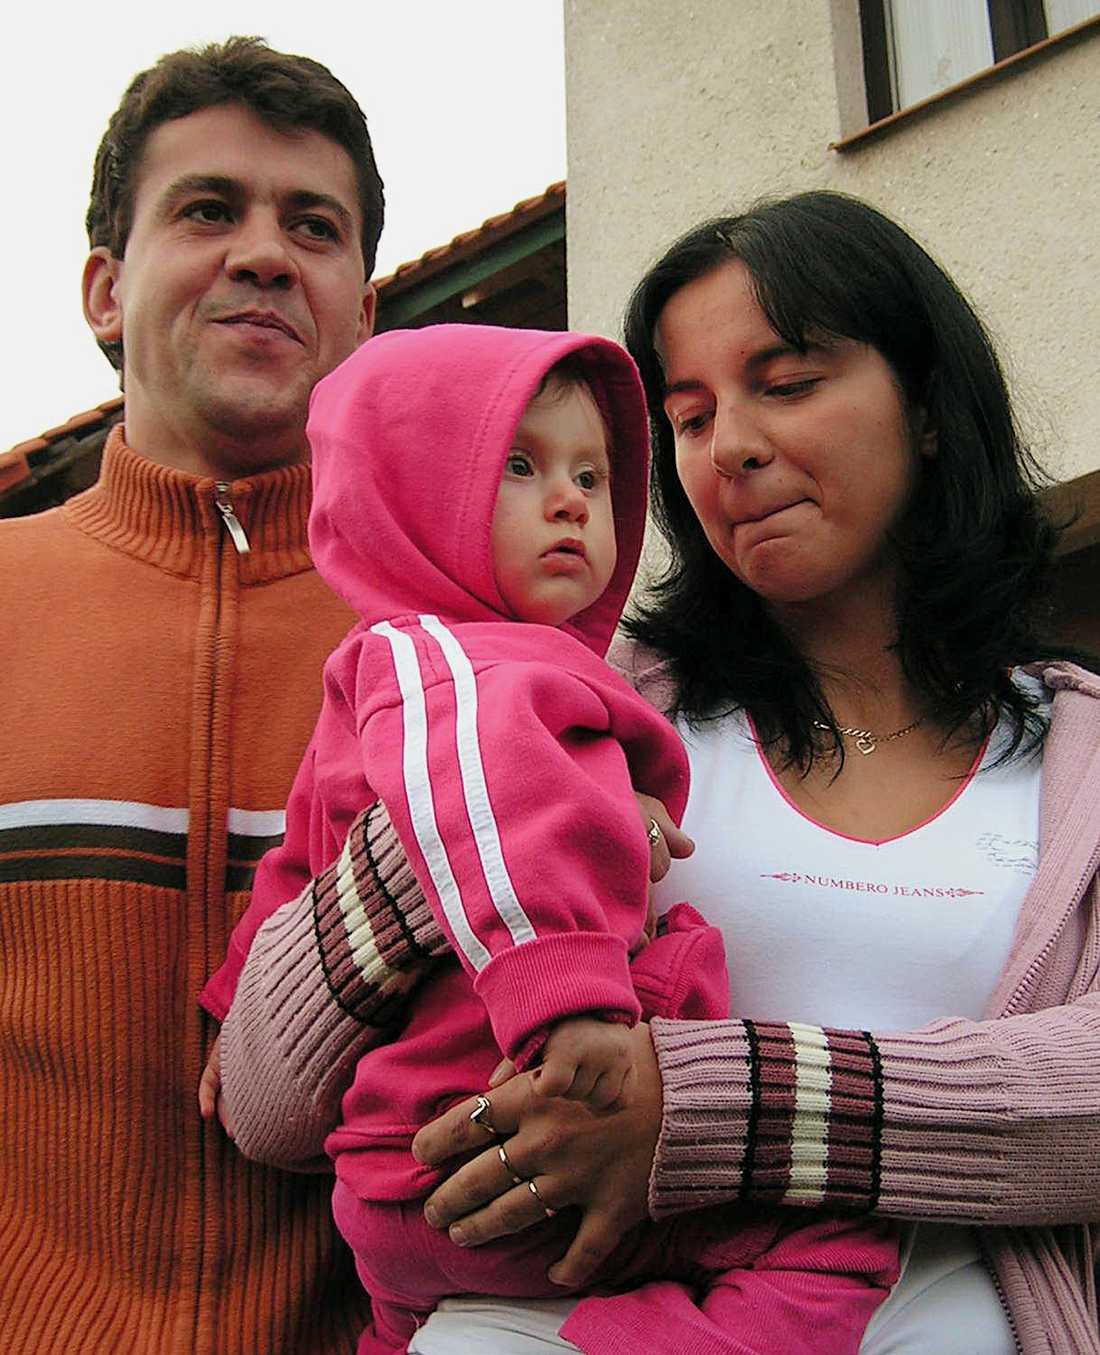 Liobr och Jaroslava kommer att lämna ifrån sig deras dotter för att få sitt biologiska barn.